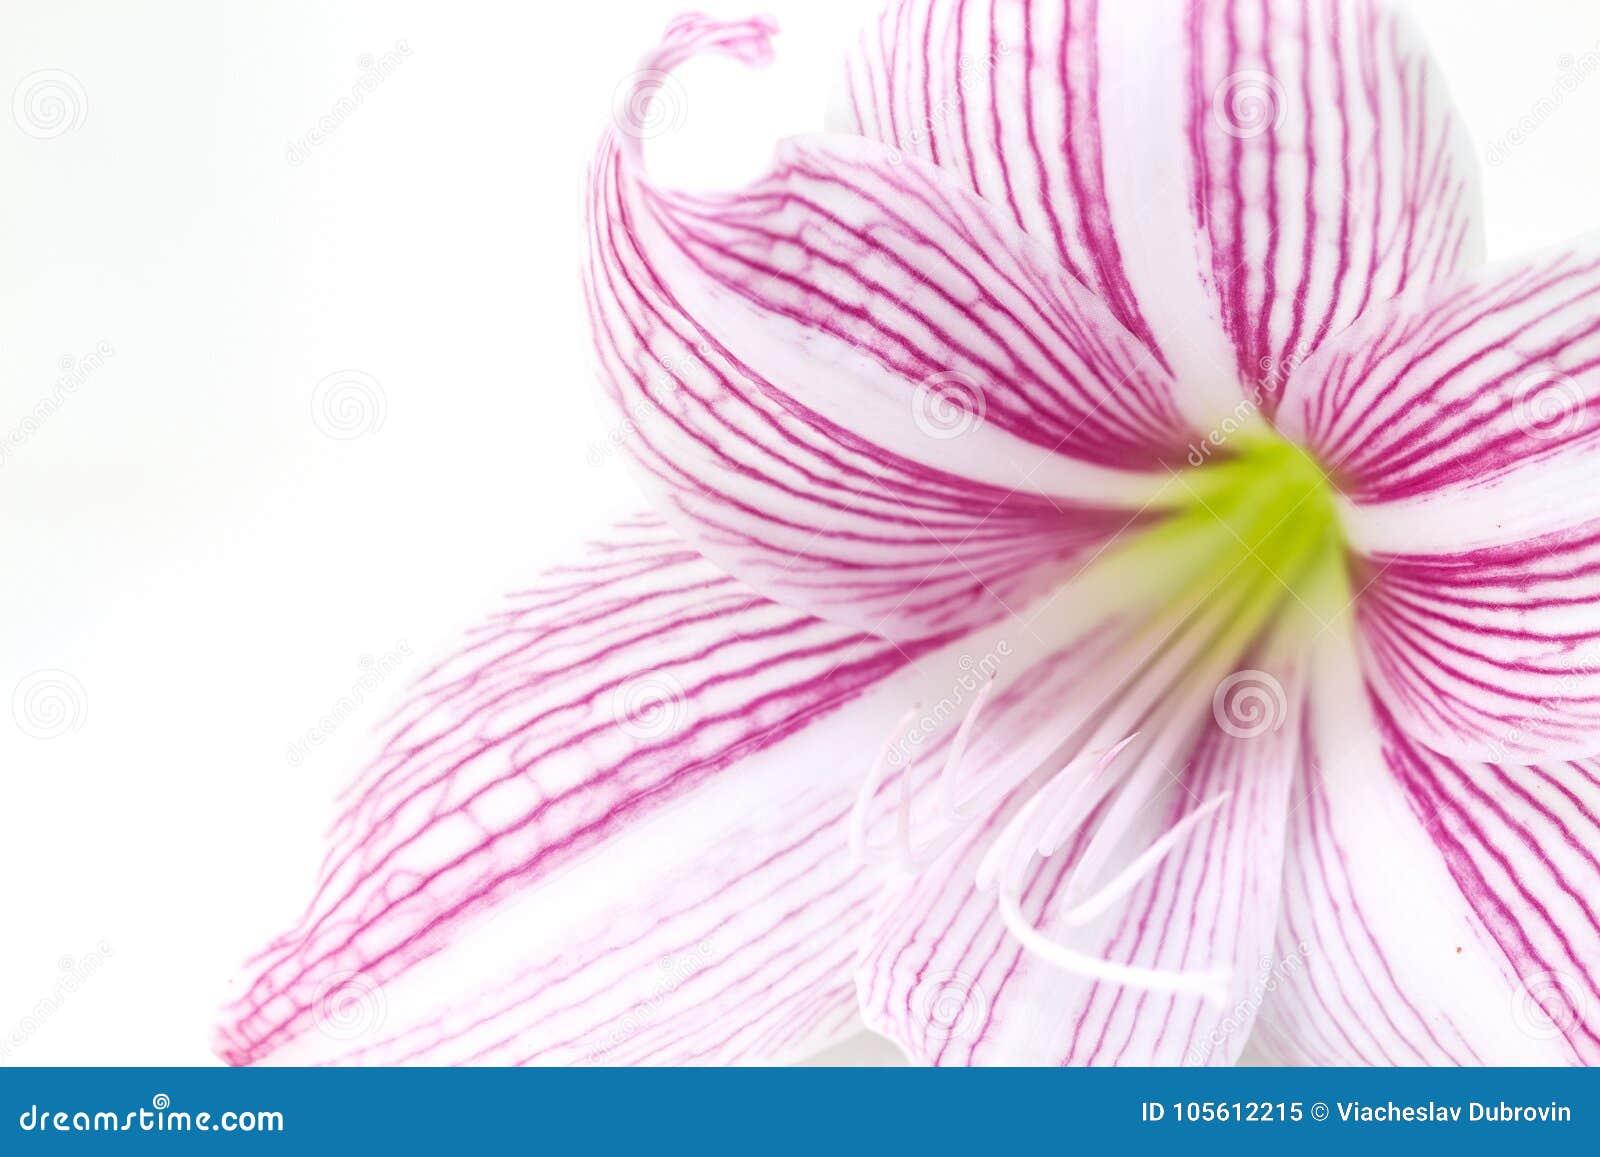 Delikatna różowa leluja kwiatu zbliżenia fotografia Kwiecisty kobiecy sztandaru szablon